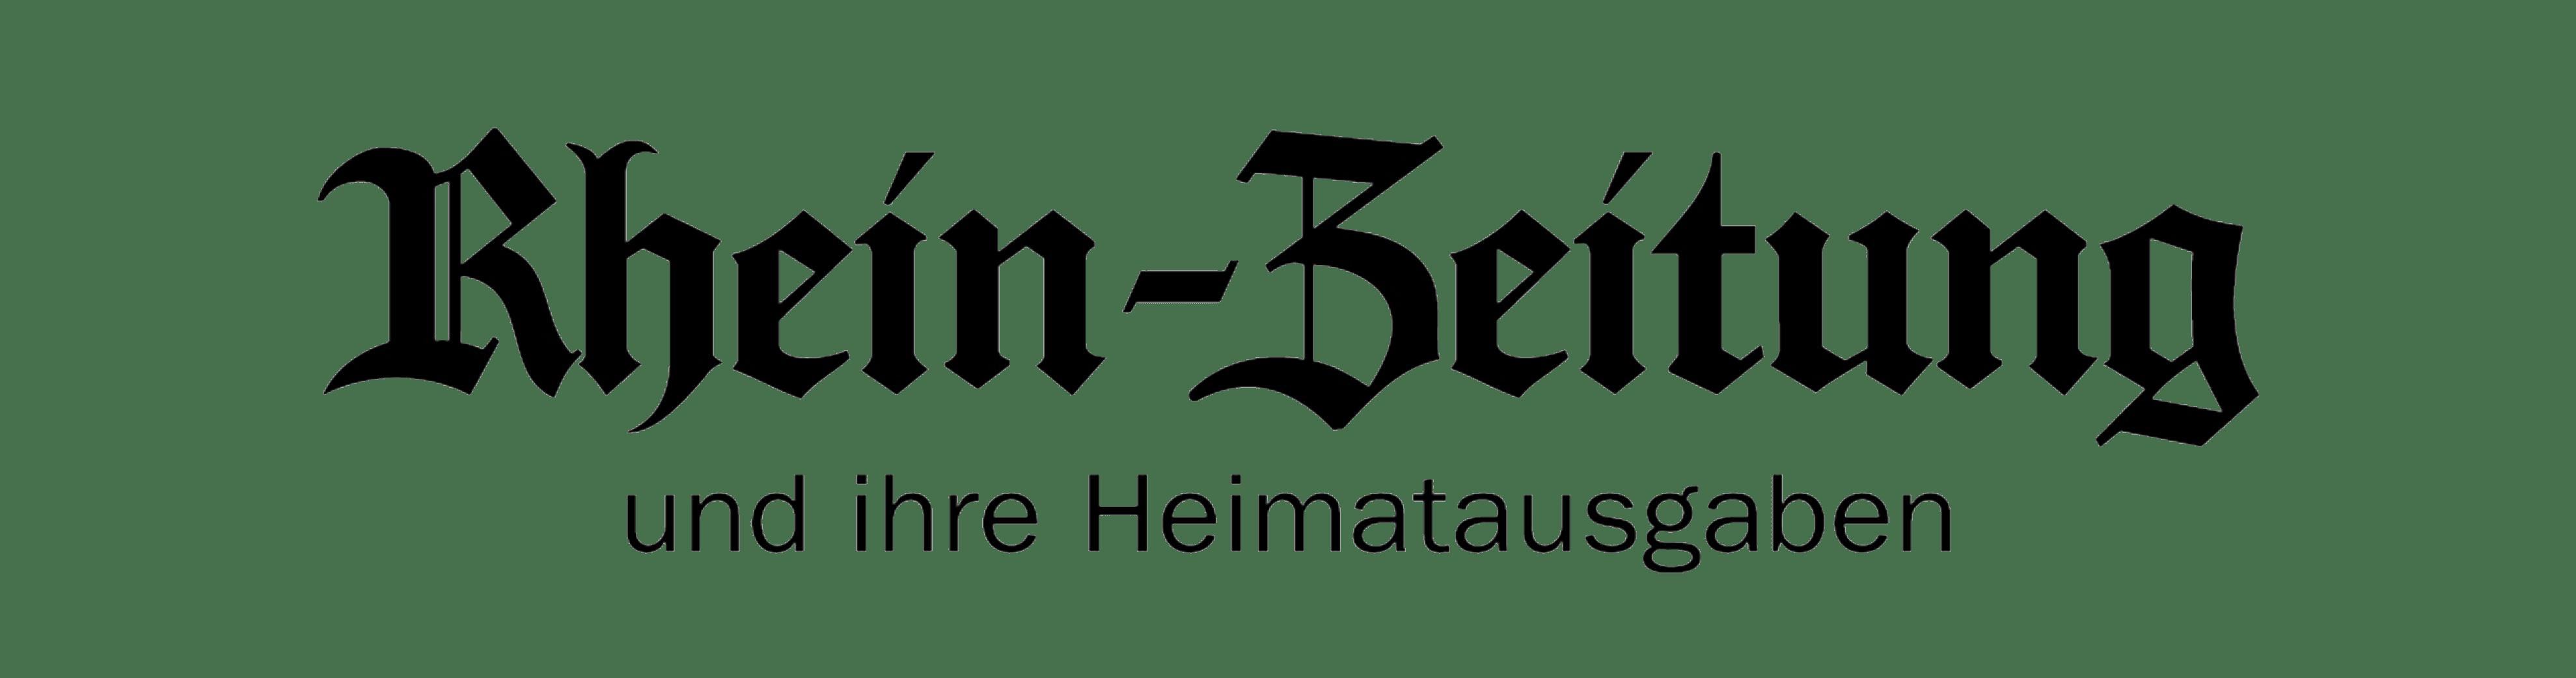 RHE-Presseecho-Rhein-Zeitung-1